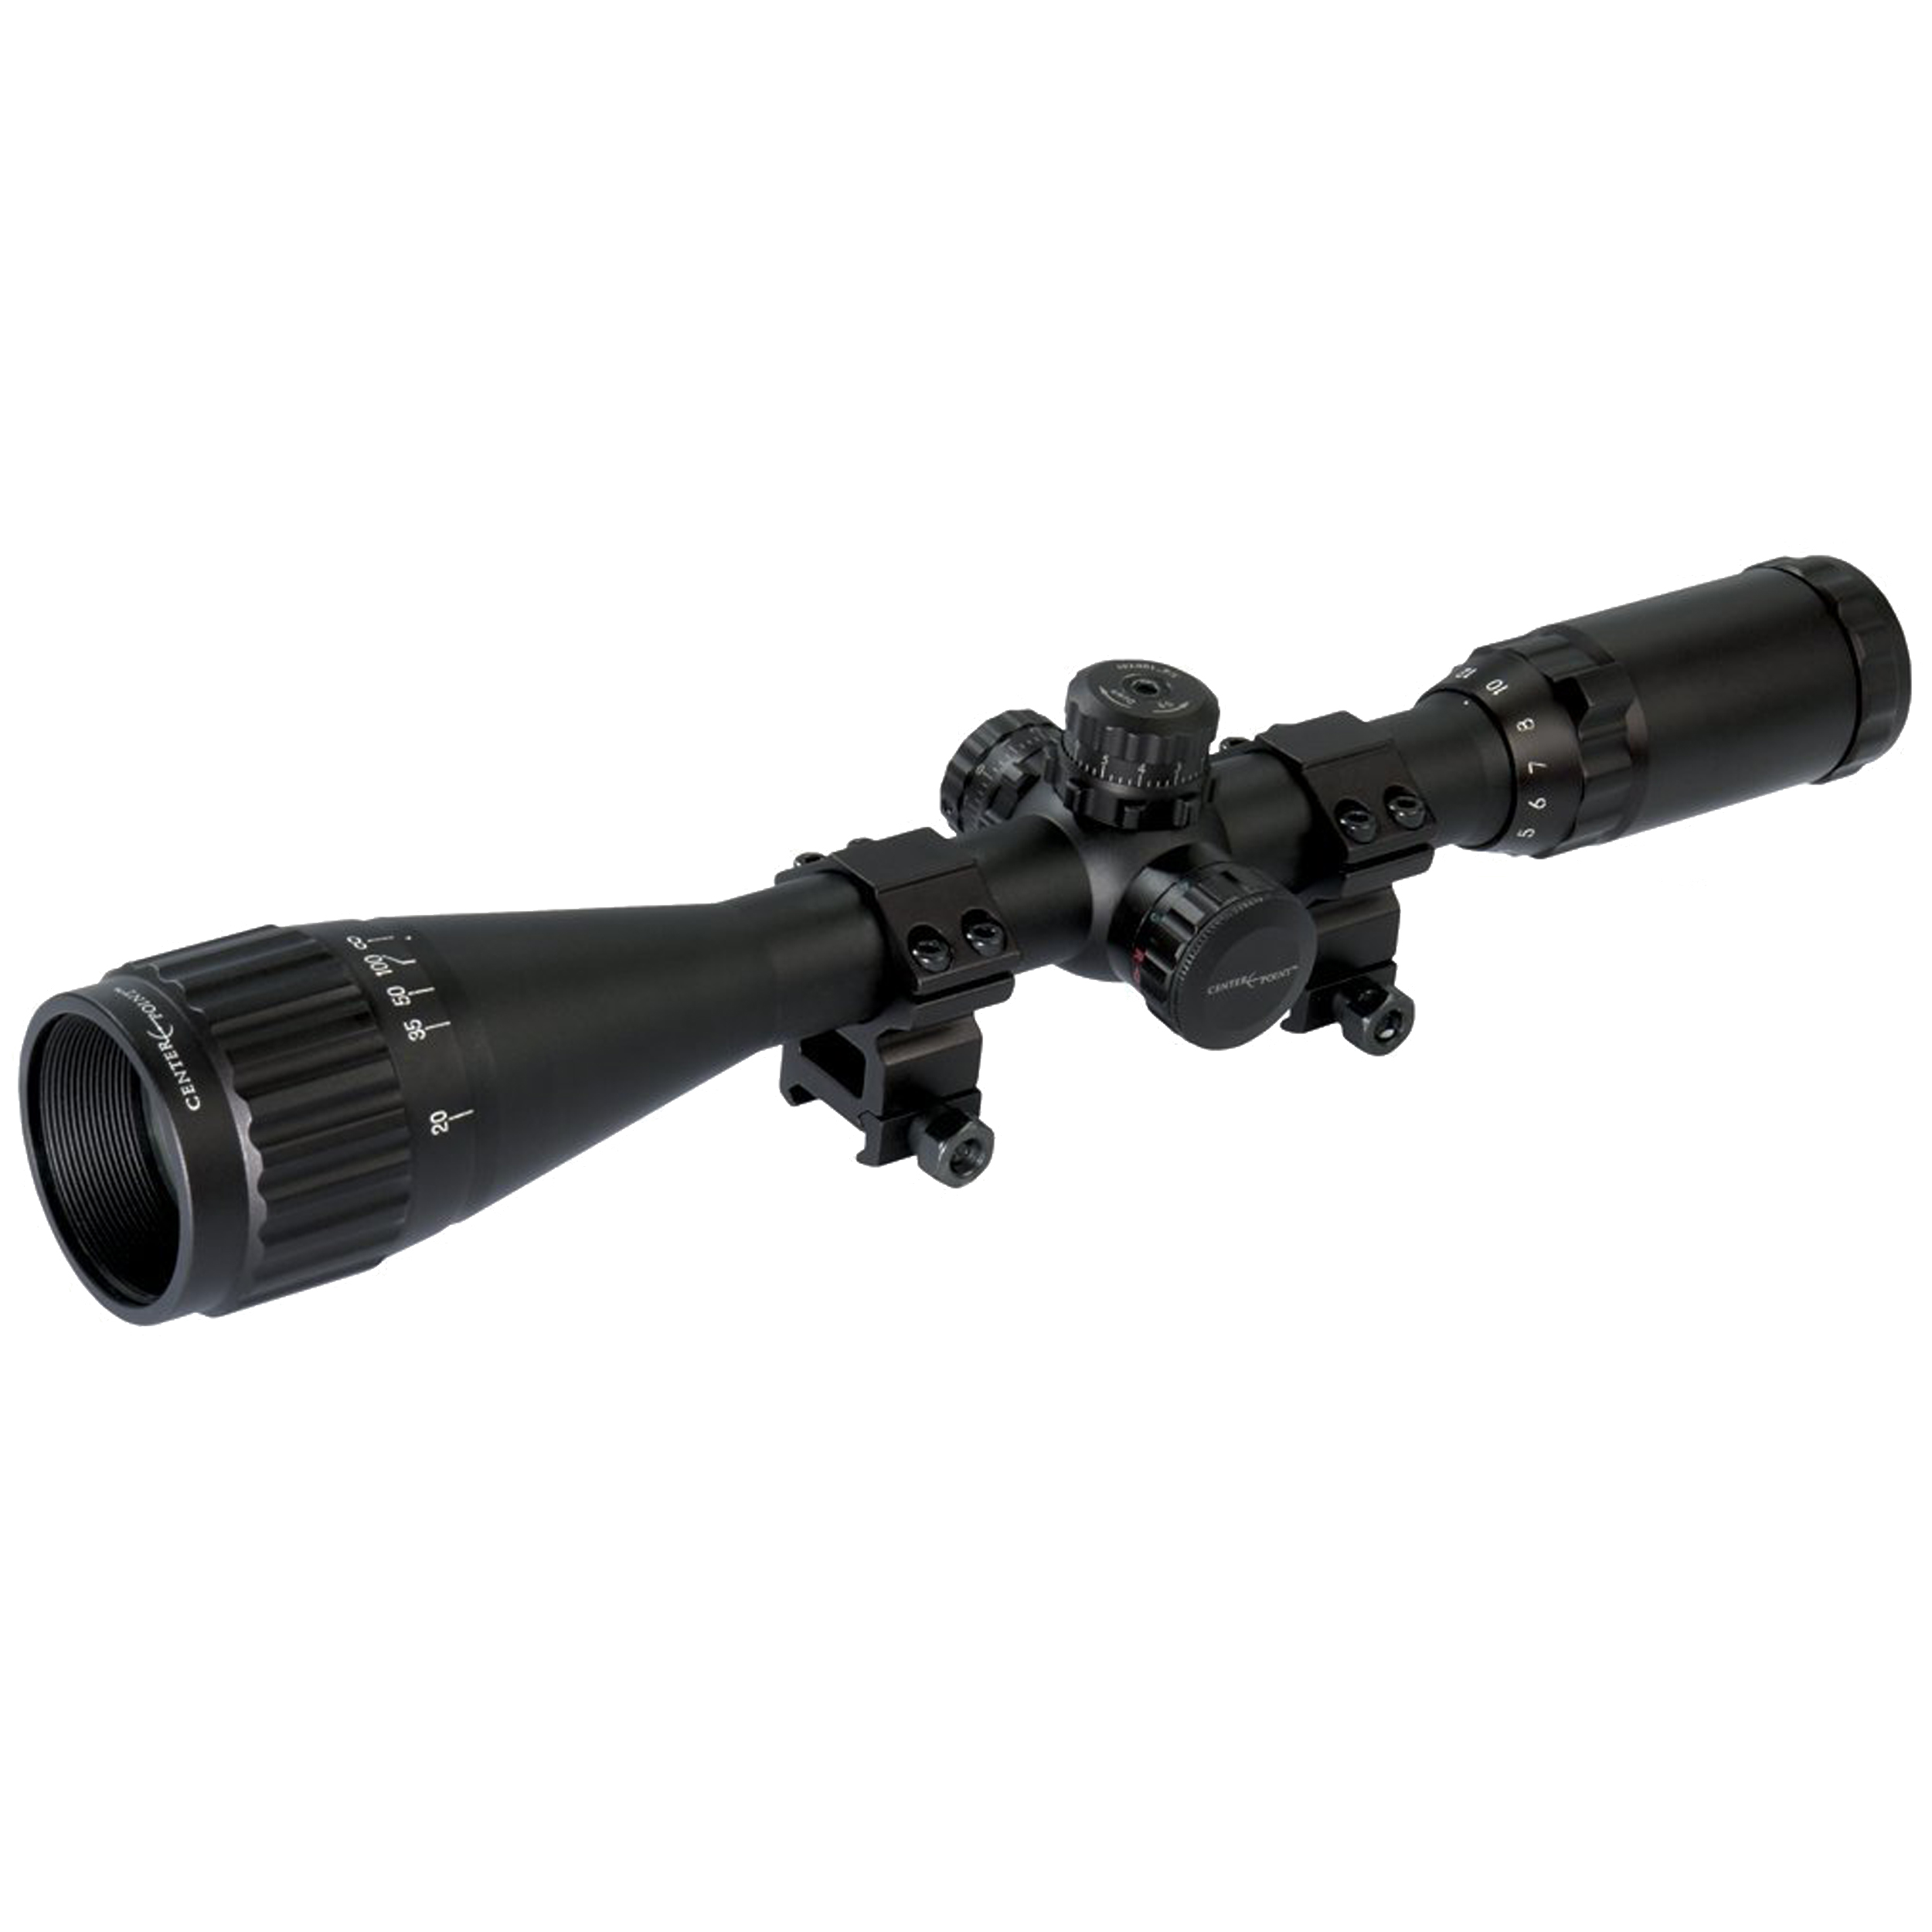 دوربین تفنگ سنترپوینت مدل 40×16-4 adventure class